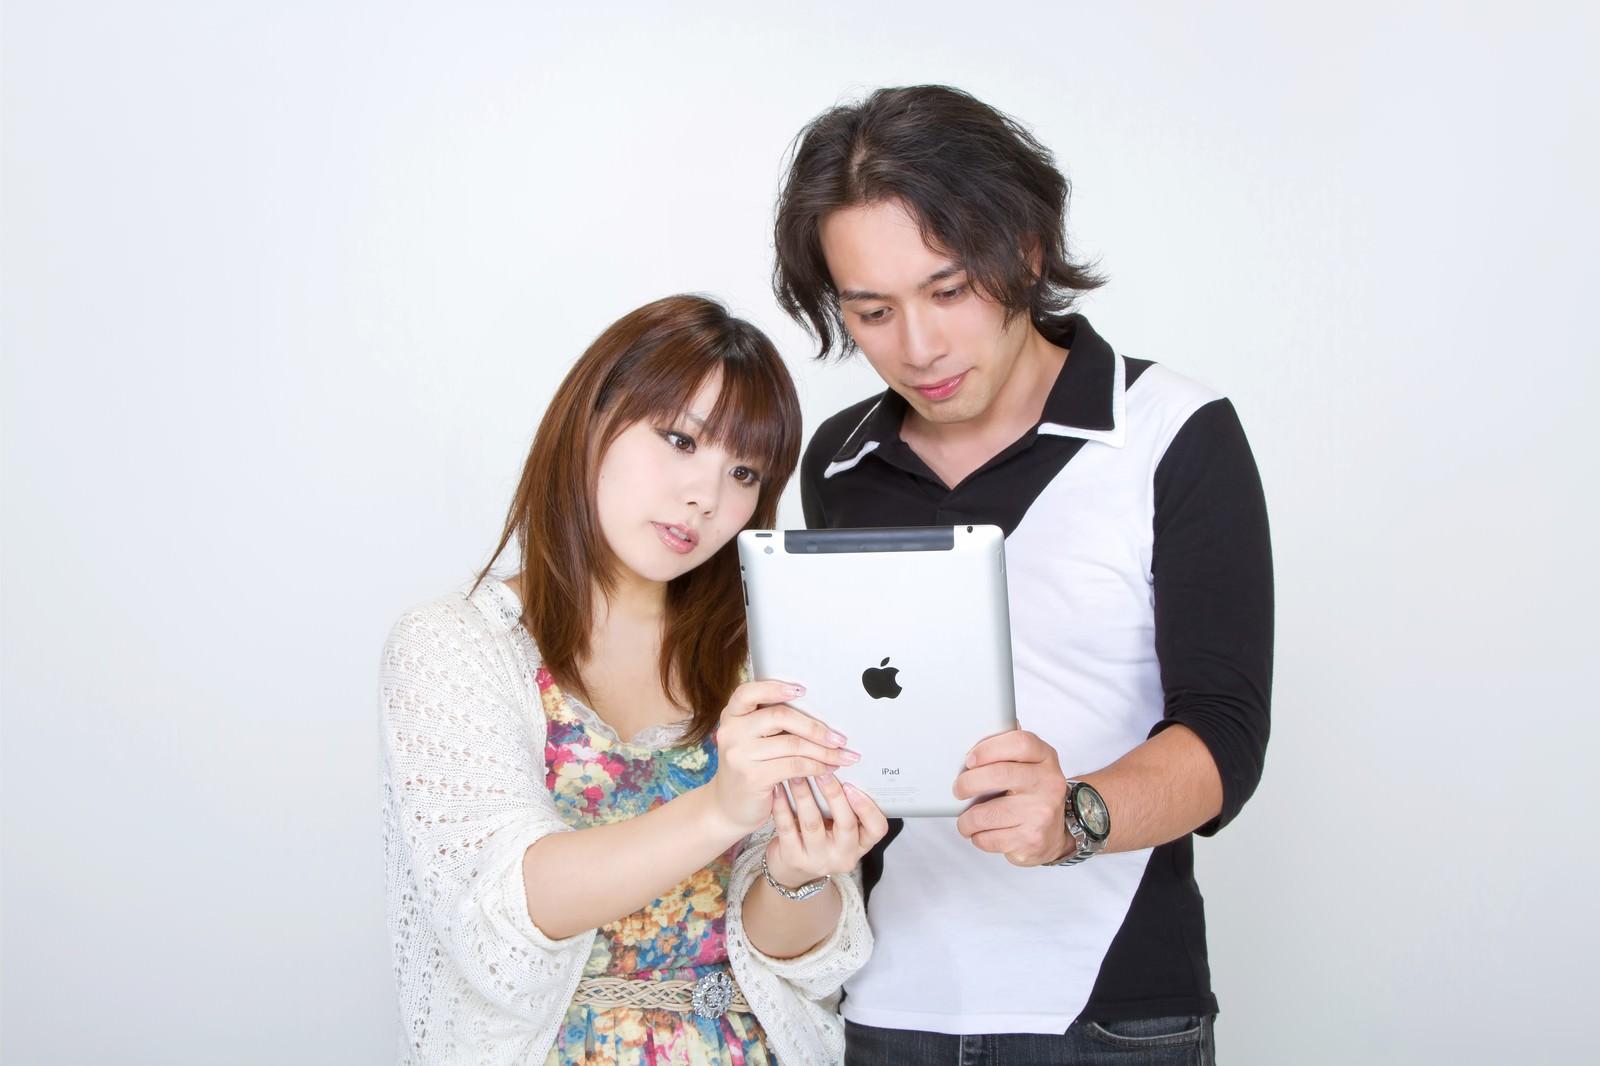 「仲良くiPadを見る恋人」の写真[モデル:マイケルリュー Lala]